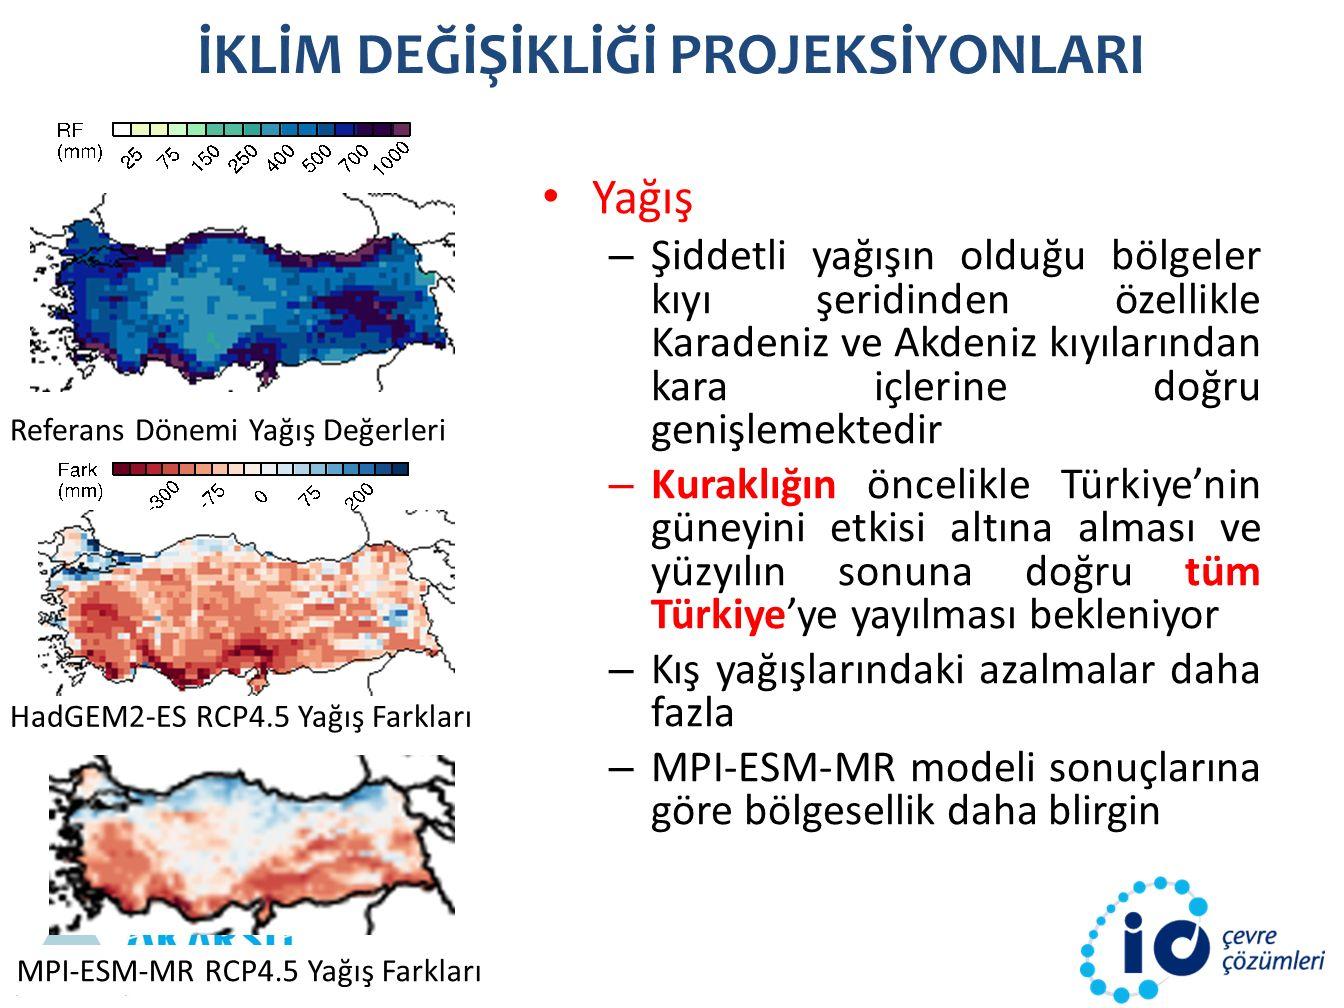 İKLİM DEĞİŞİKLİĞİ PROJEKSİYONLARI HadGEM2-ES RCP4.5 Yağış Farkları Referans Dönemi Yağış Değerleri MPI-ESM-MR RCP4.5 Yağış Farkları Yağış – Şiddetli yağışın olduğu bölgeler kıyı şeridinden özellikle Karadeniz ve Akdeniz kıyılarından kara içlerine doğru genişlemektedir – Kuraklığın öncelikle Türkiye'nin güneyini etkisi altına alması ve yüzyılın sonuna doğru tüm Türkiye'ye yayılması bekleniyor – Kış yağışlarındaki azalmalar daha fazla – MPI-ESM-MR modeli sonuçlarına göre bölgesellik daha blirgin